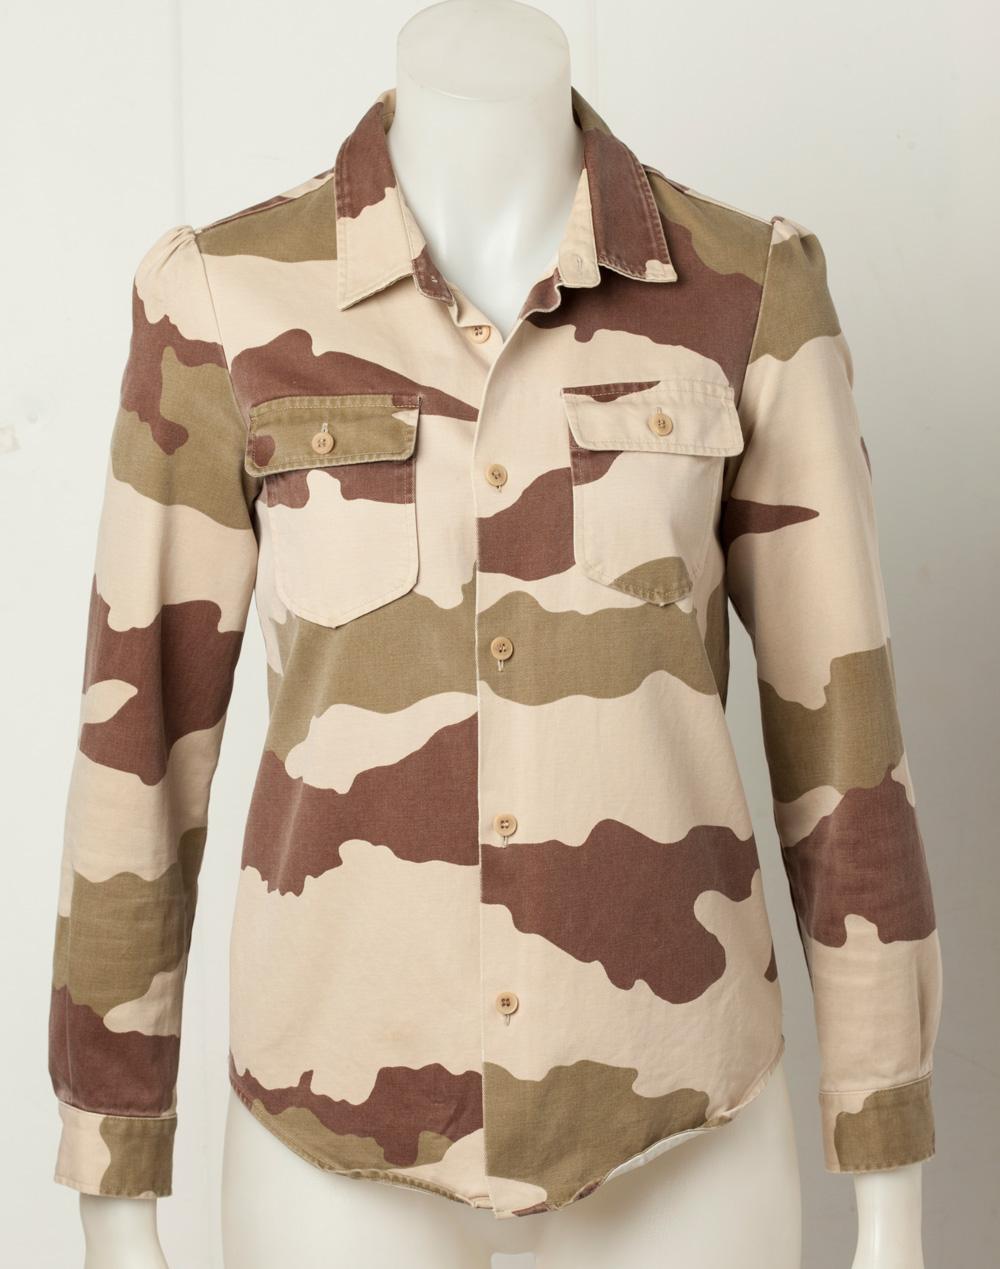 Producer jacket